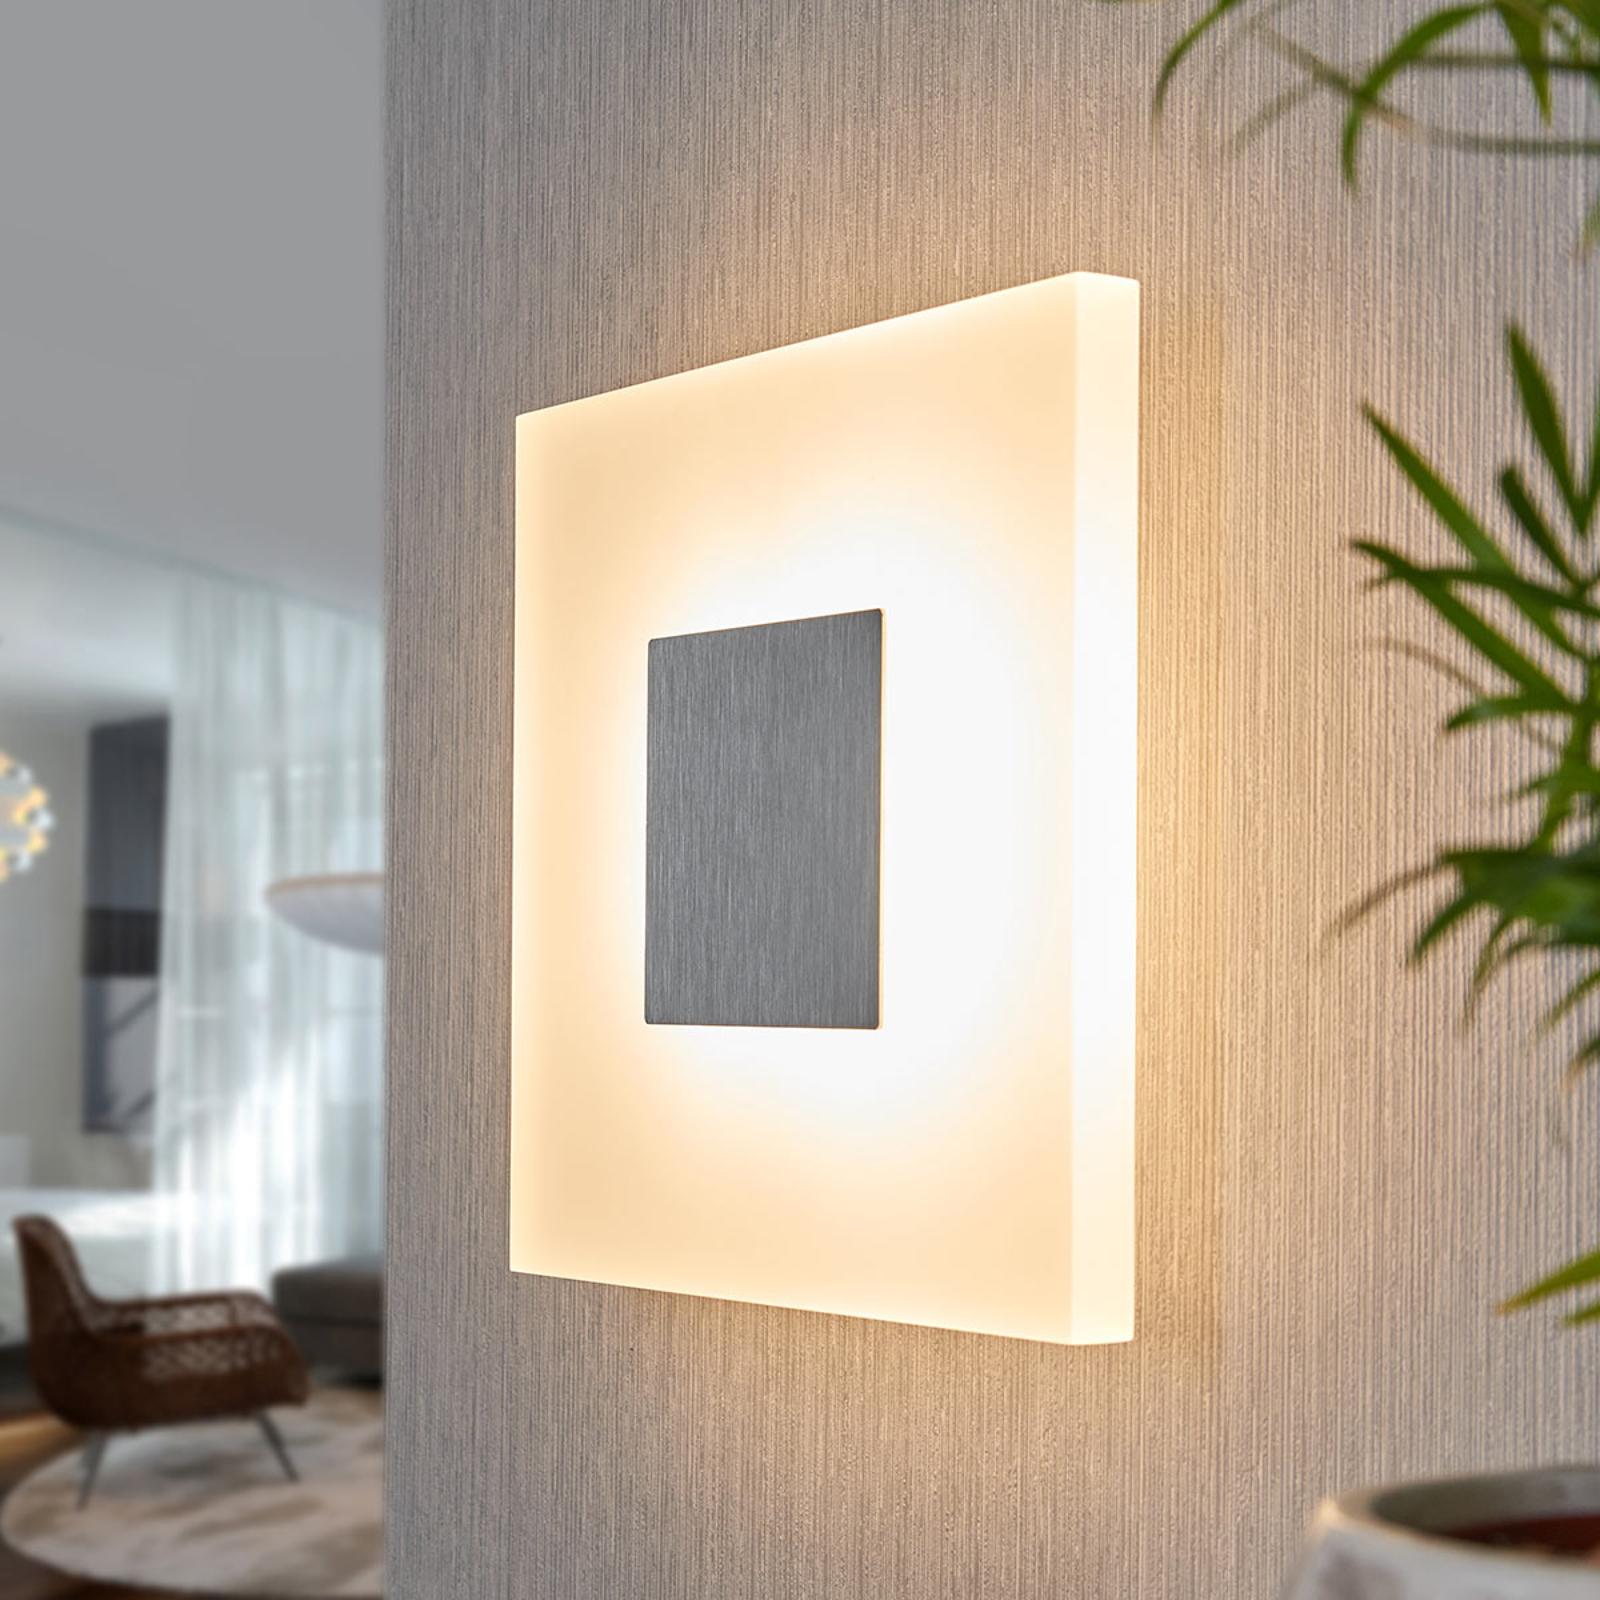 Kvadratisk LED-vägglampa Berlind